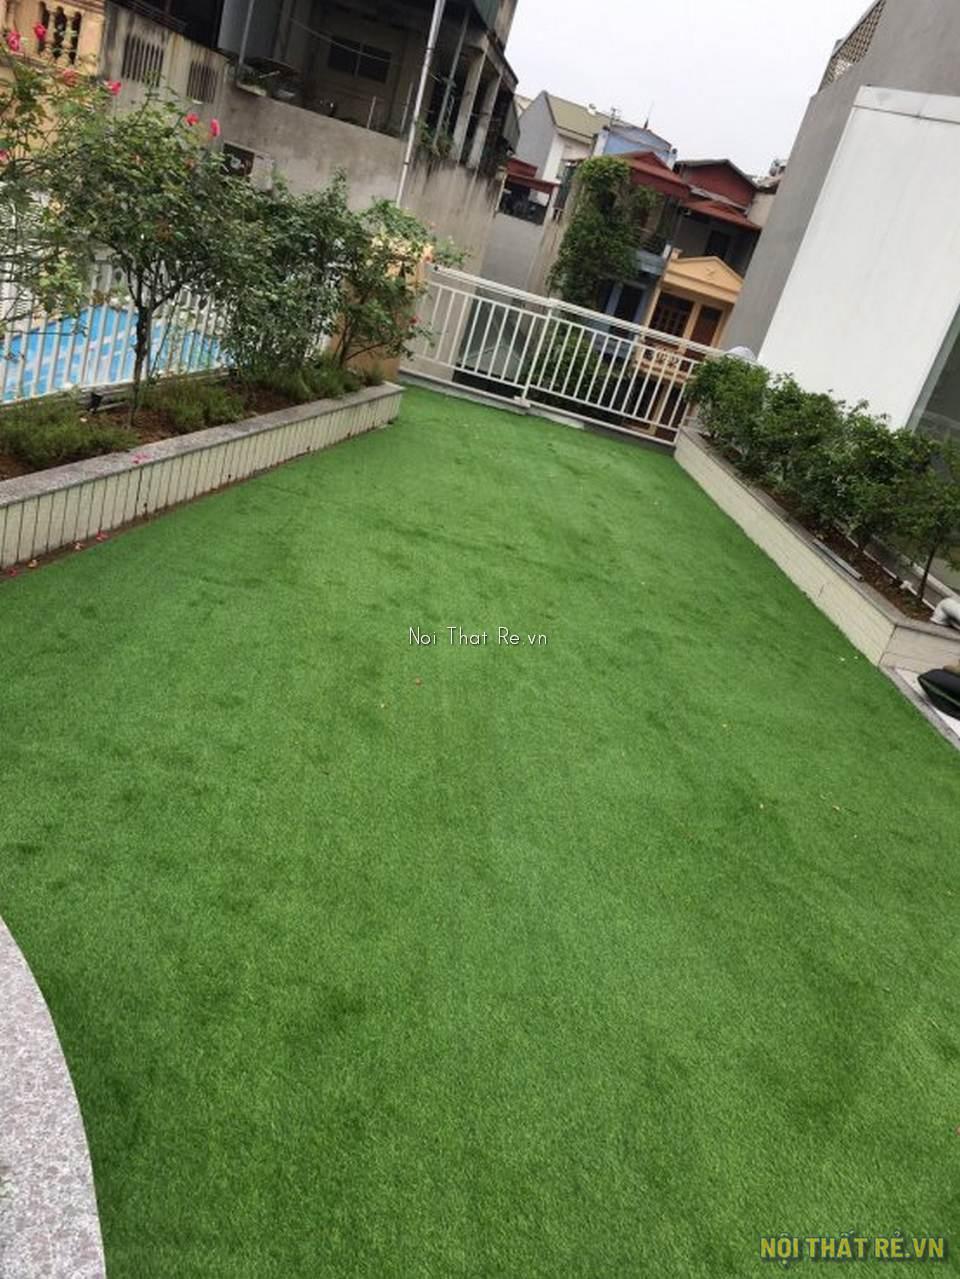 thảm cỏ nhân tạo trải sân vườn